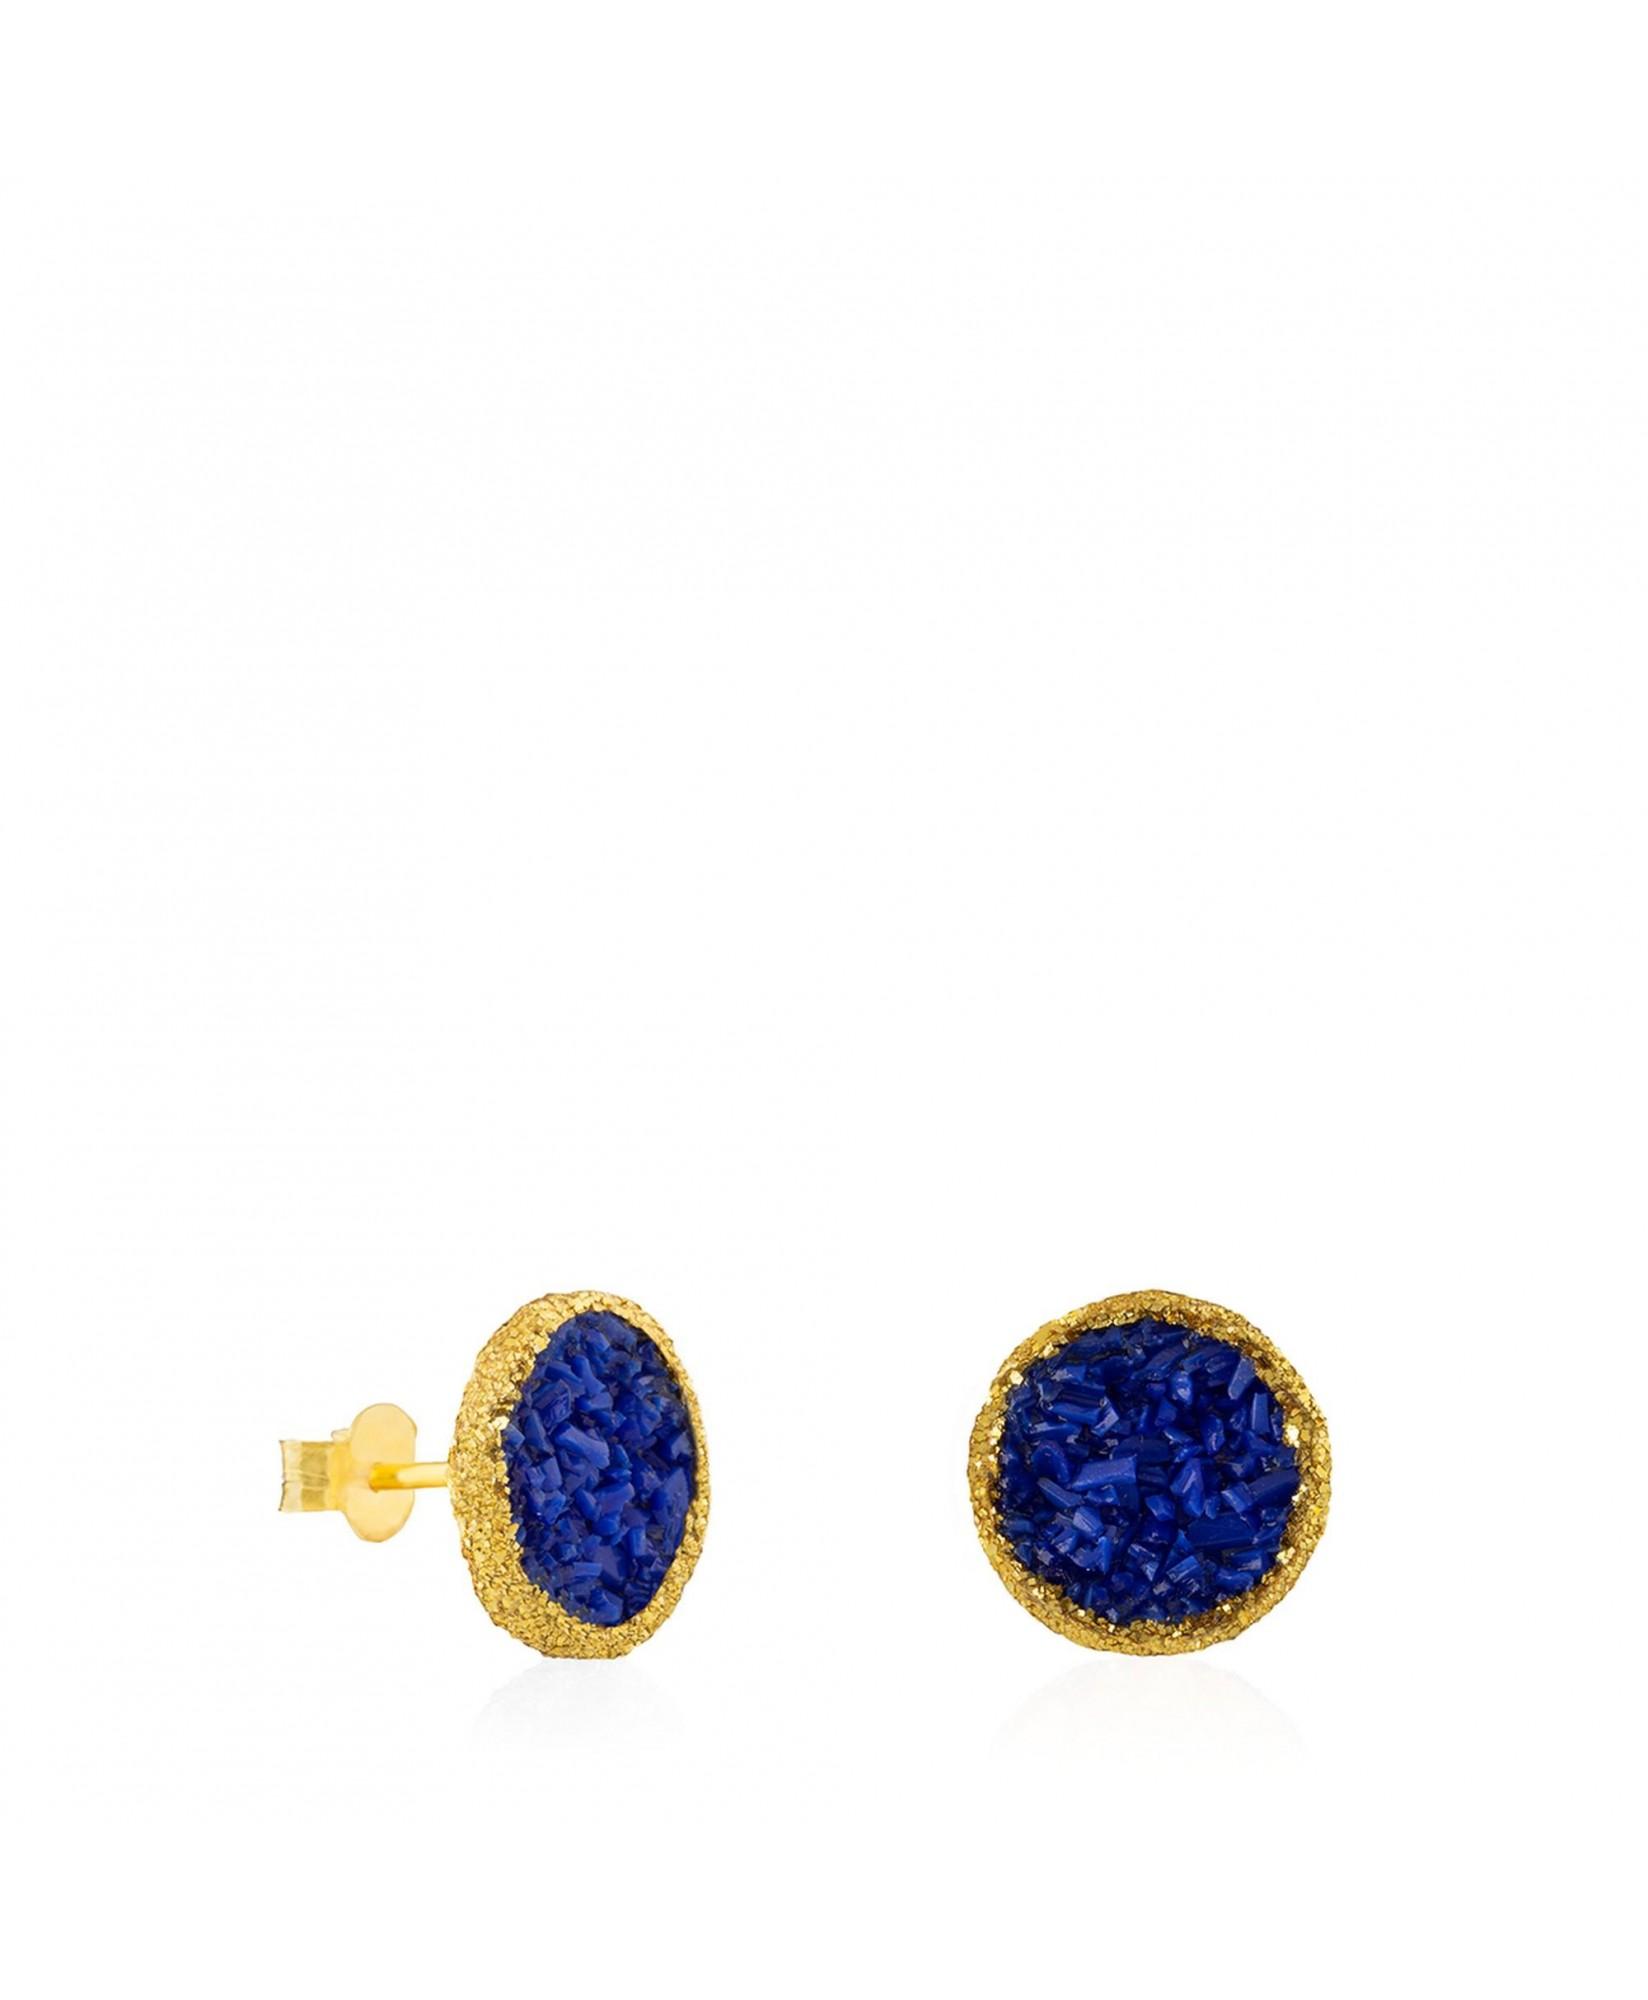 Pendientes dormilonas oro grandes Klein con nácar azul Pendientes dormilonas oro grandes Klein con nácar azul